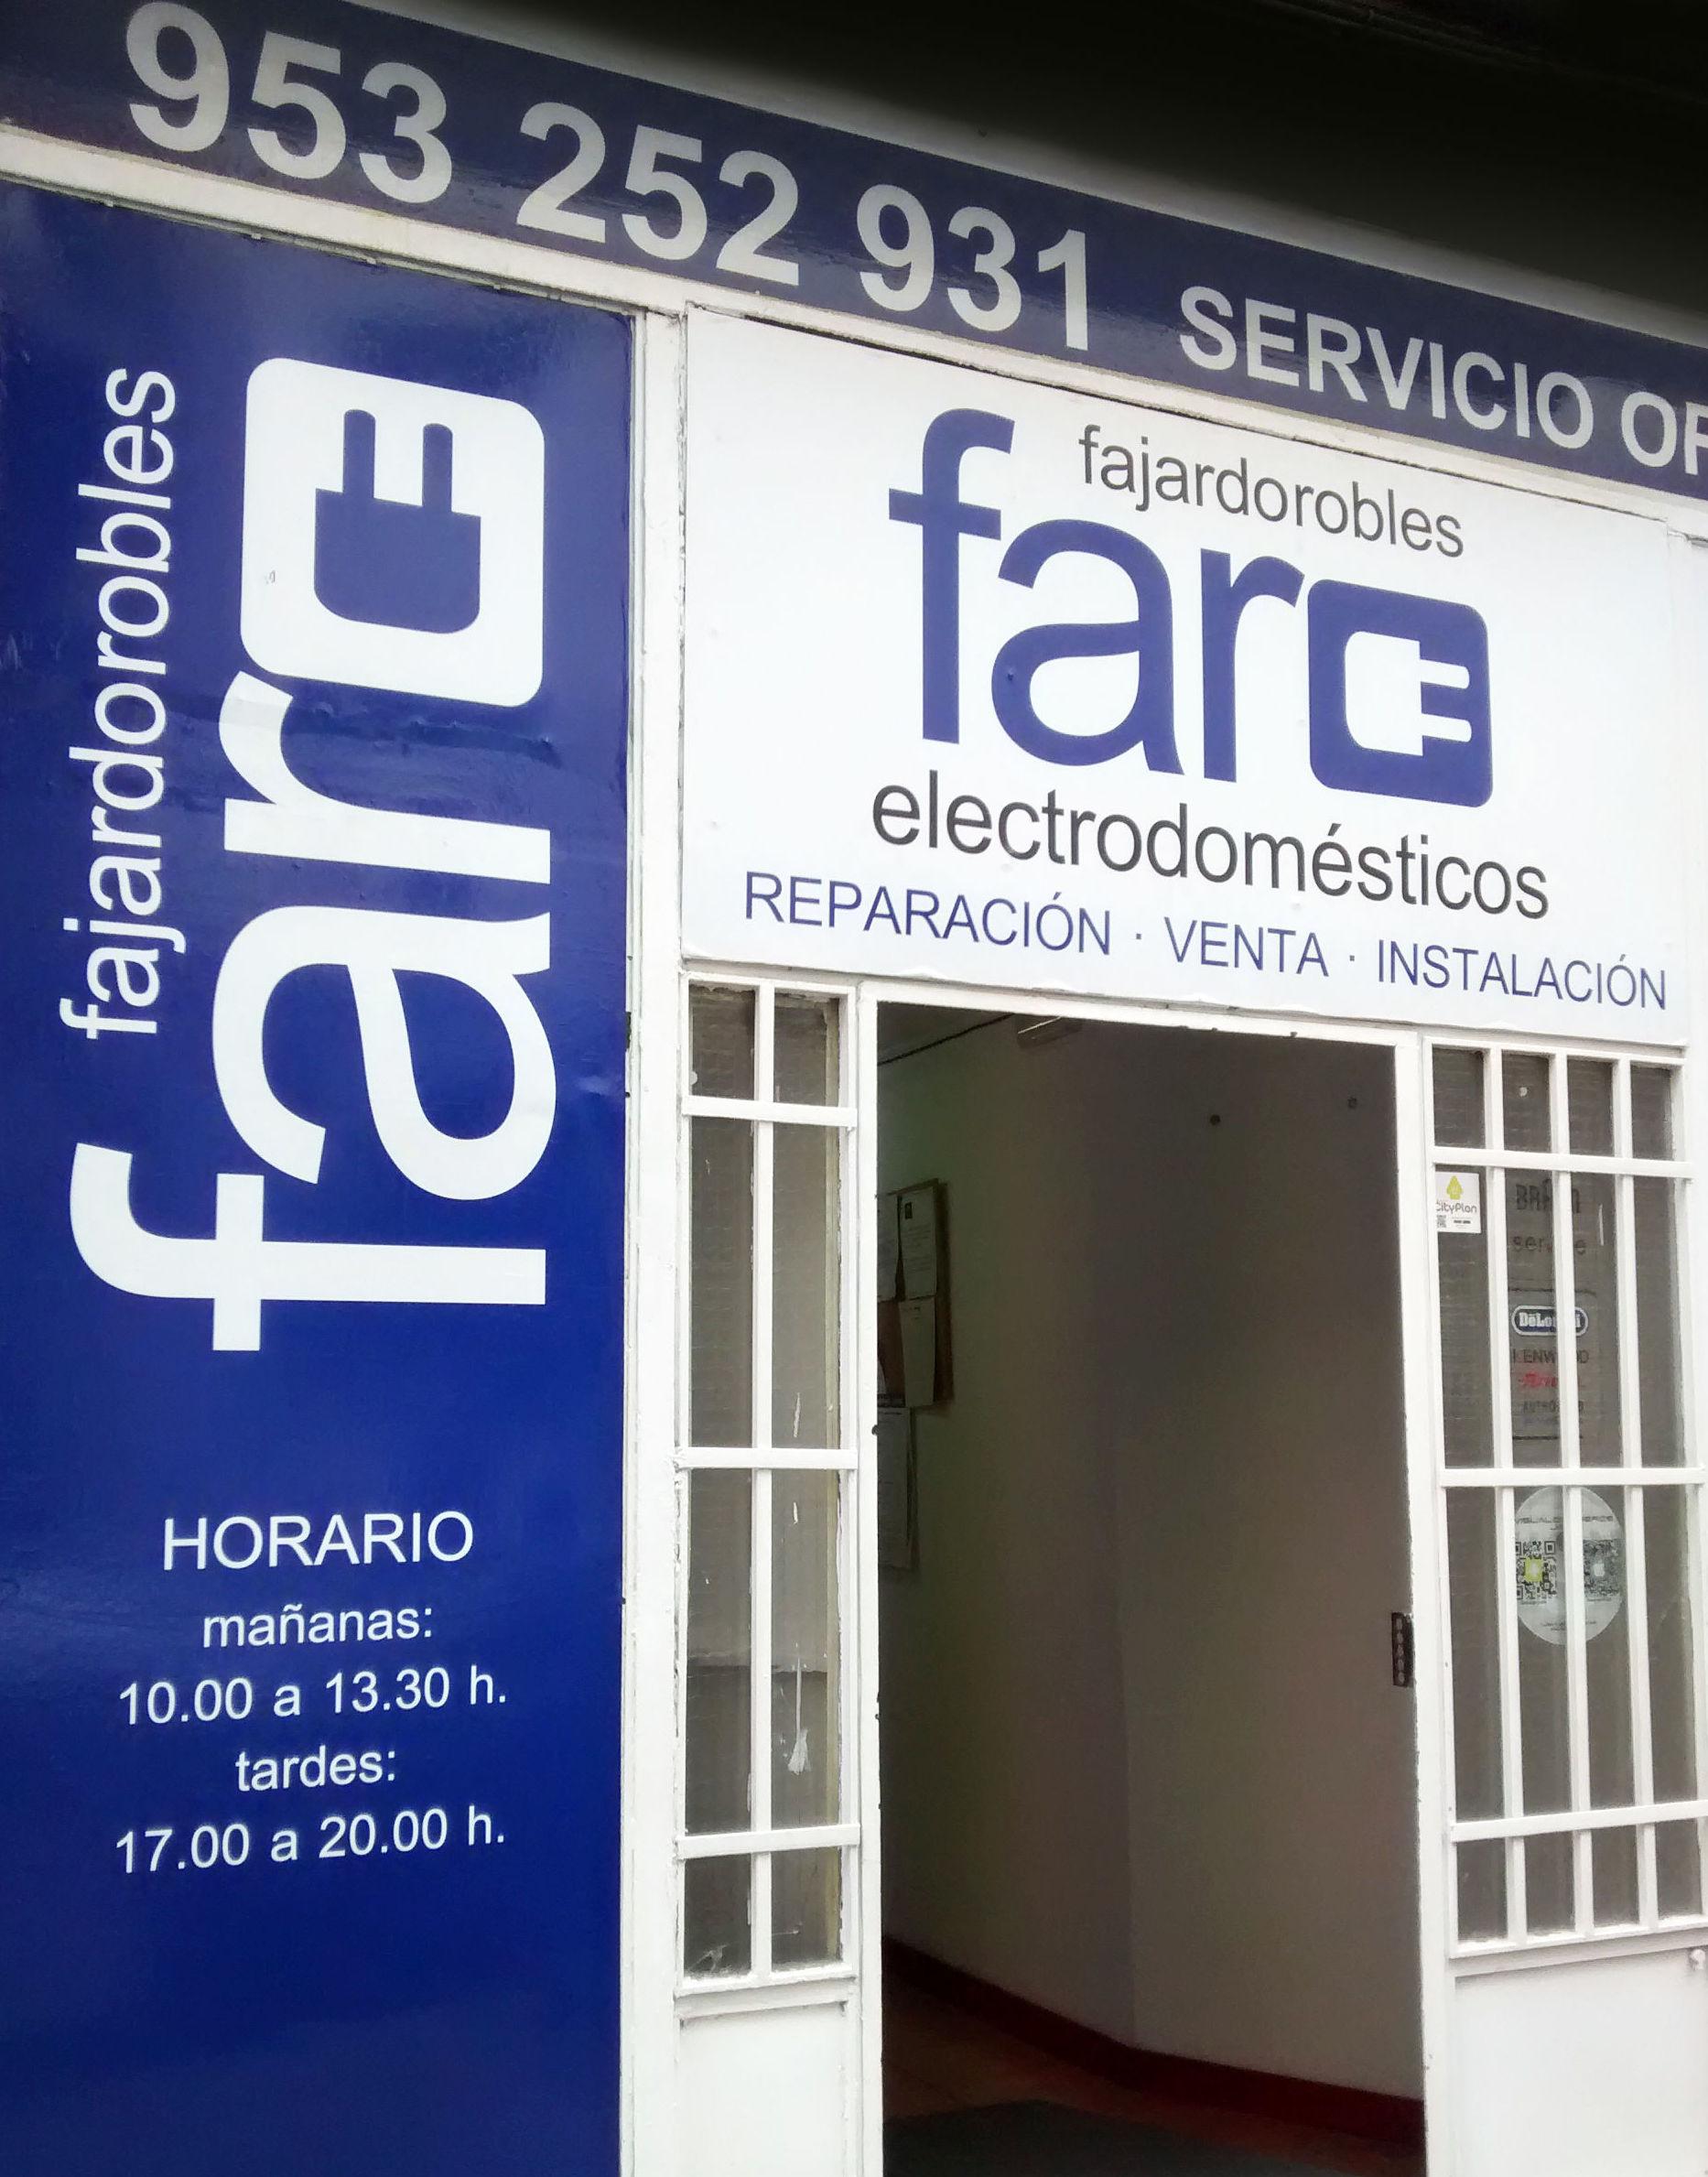 Foto 1 de Electrodomésticos (reparación) en Jaén | Beatriz Fajardo Robles, S.L.N.E.